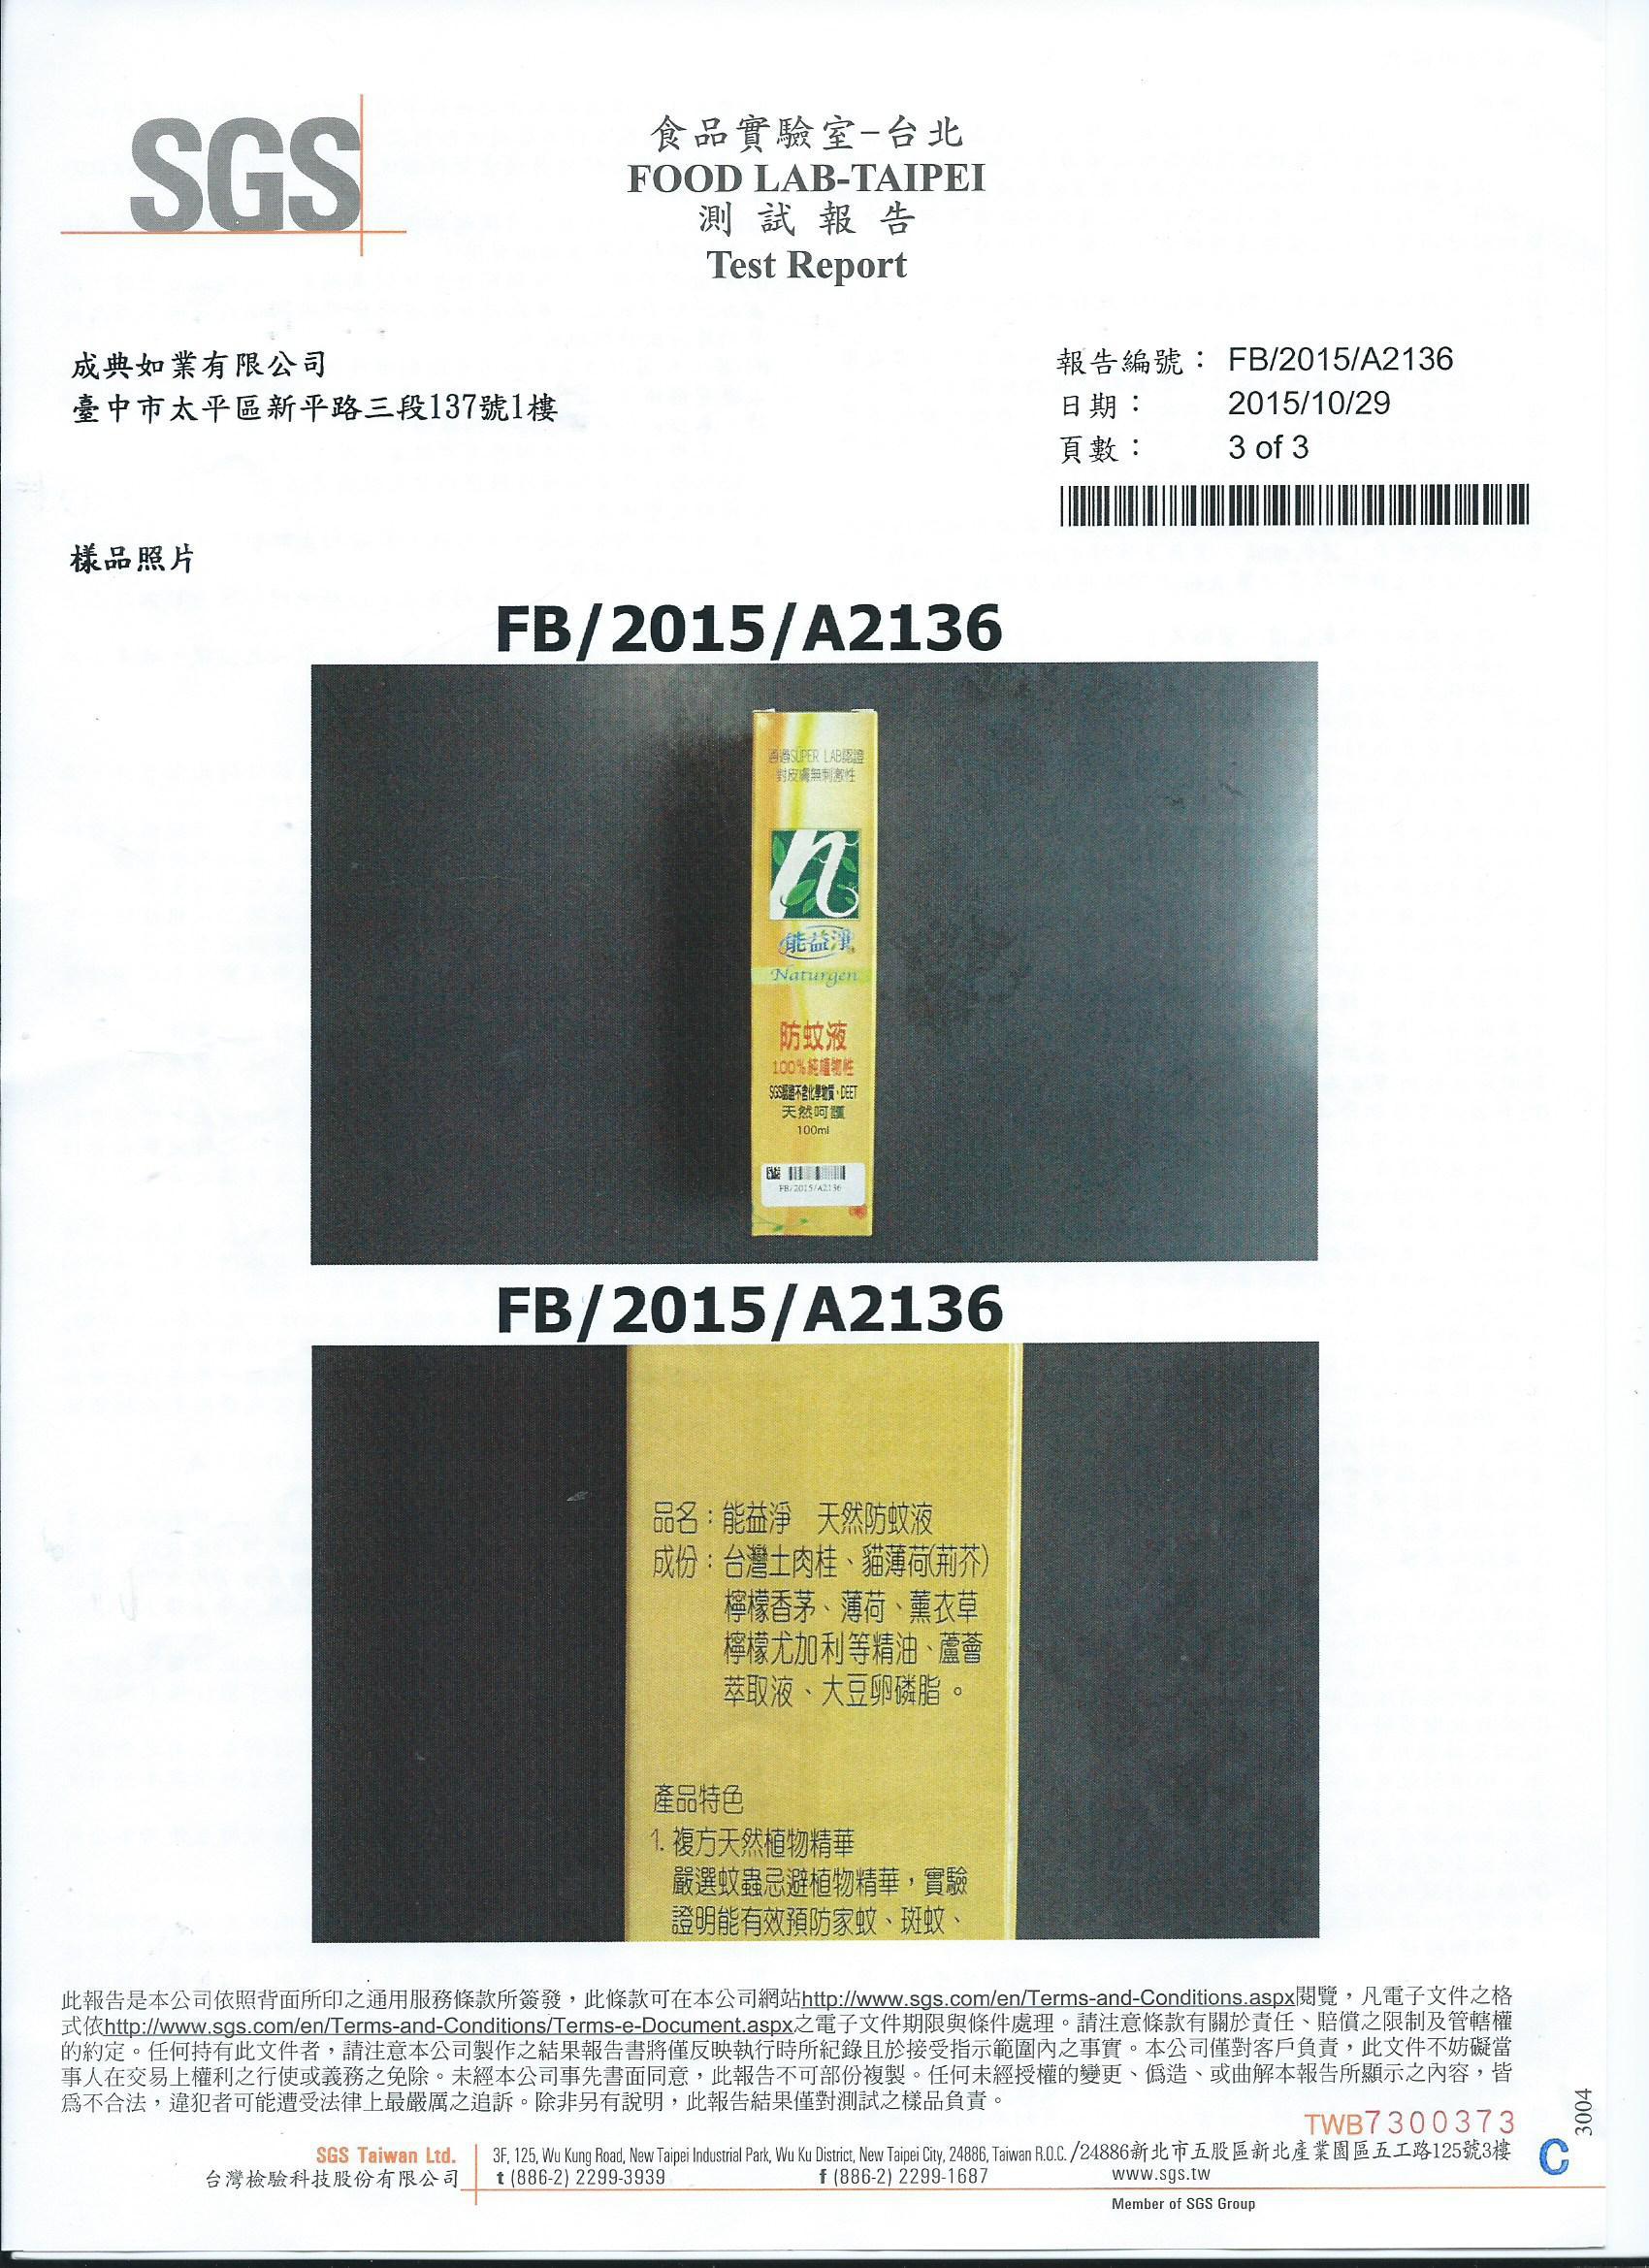 能益淨天然防蚊液SGS報告-104年-3